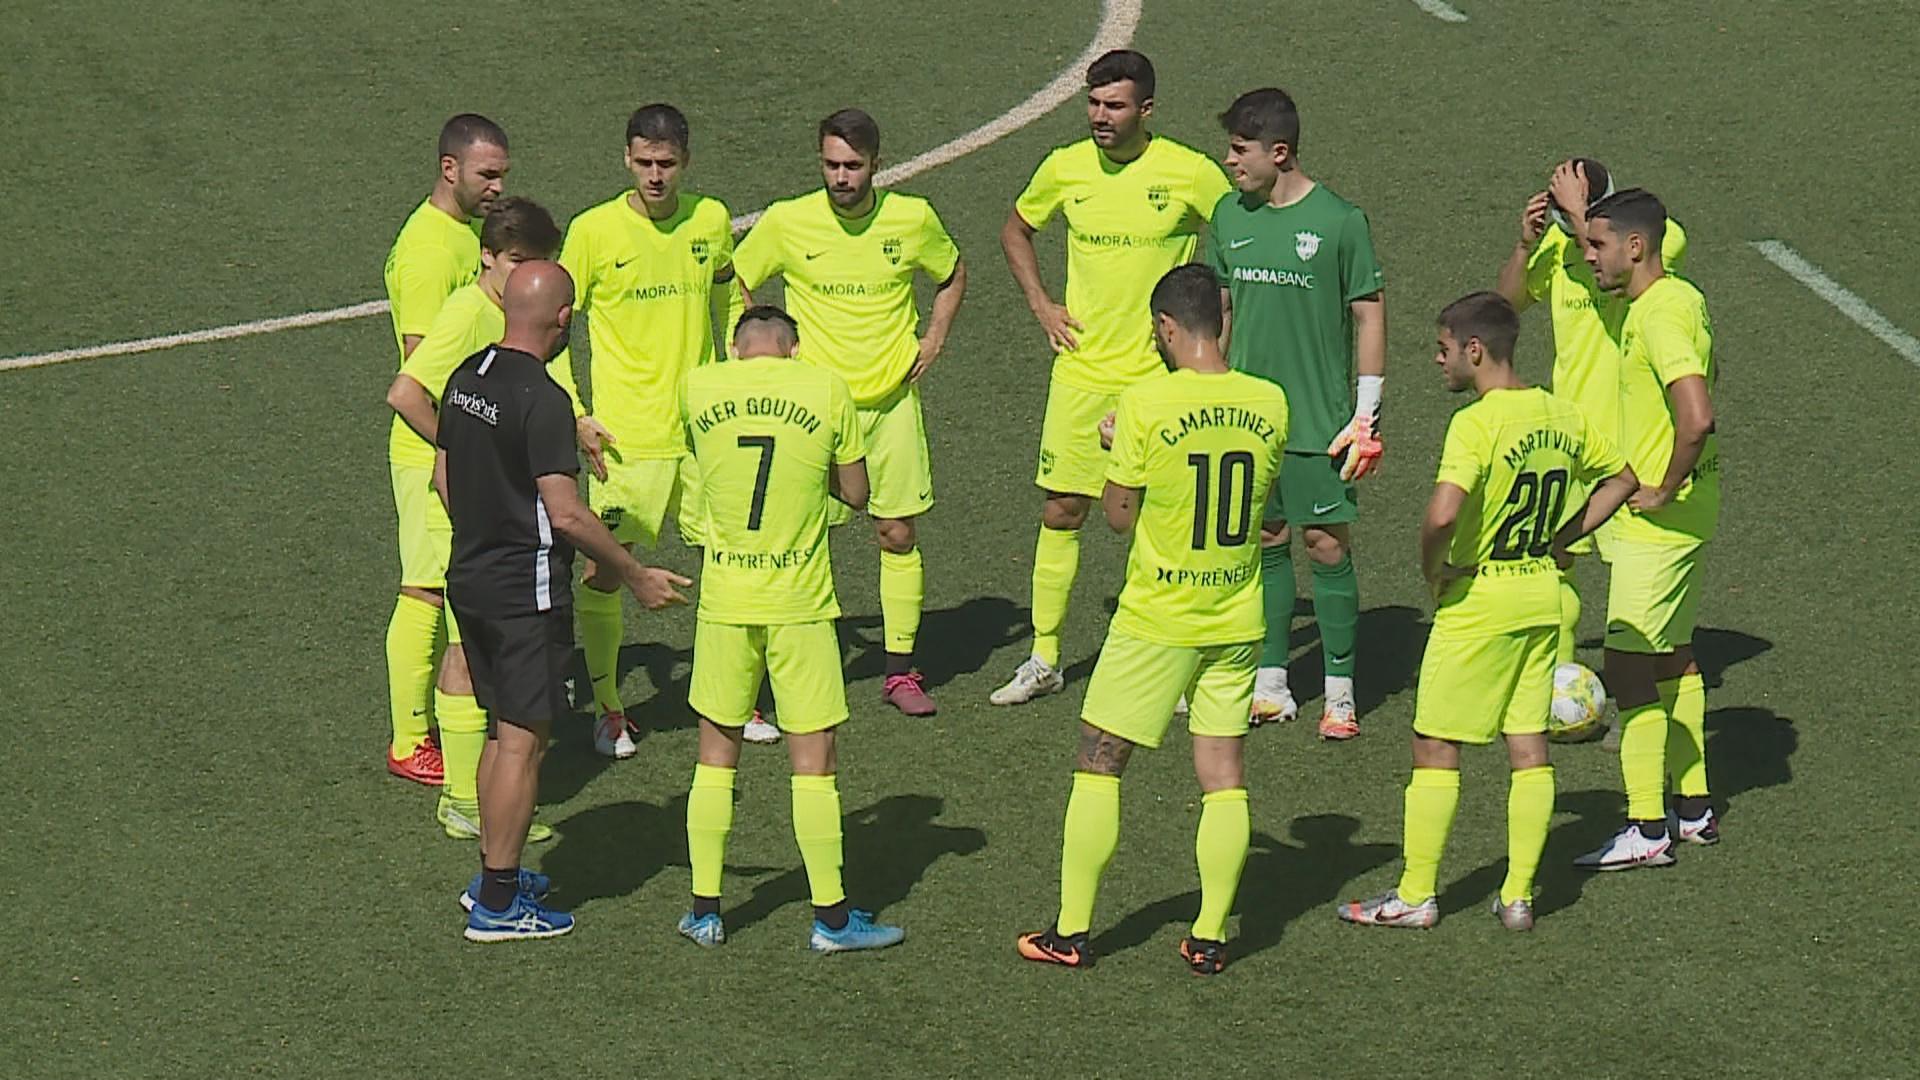 Doble victòria del FC Andorra en amistosos contra el Lleida Esportiu i el Mollerussa